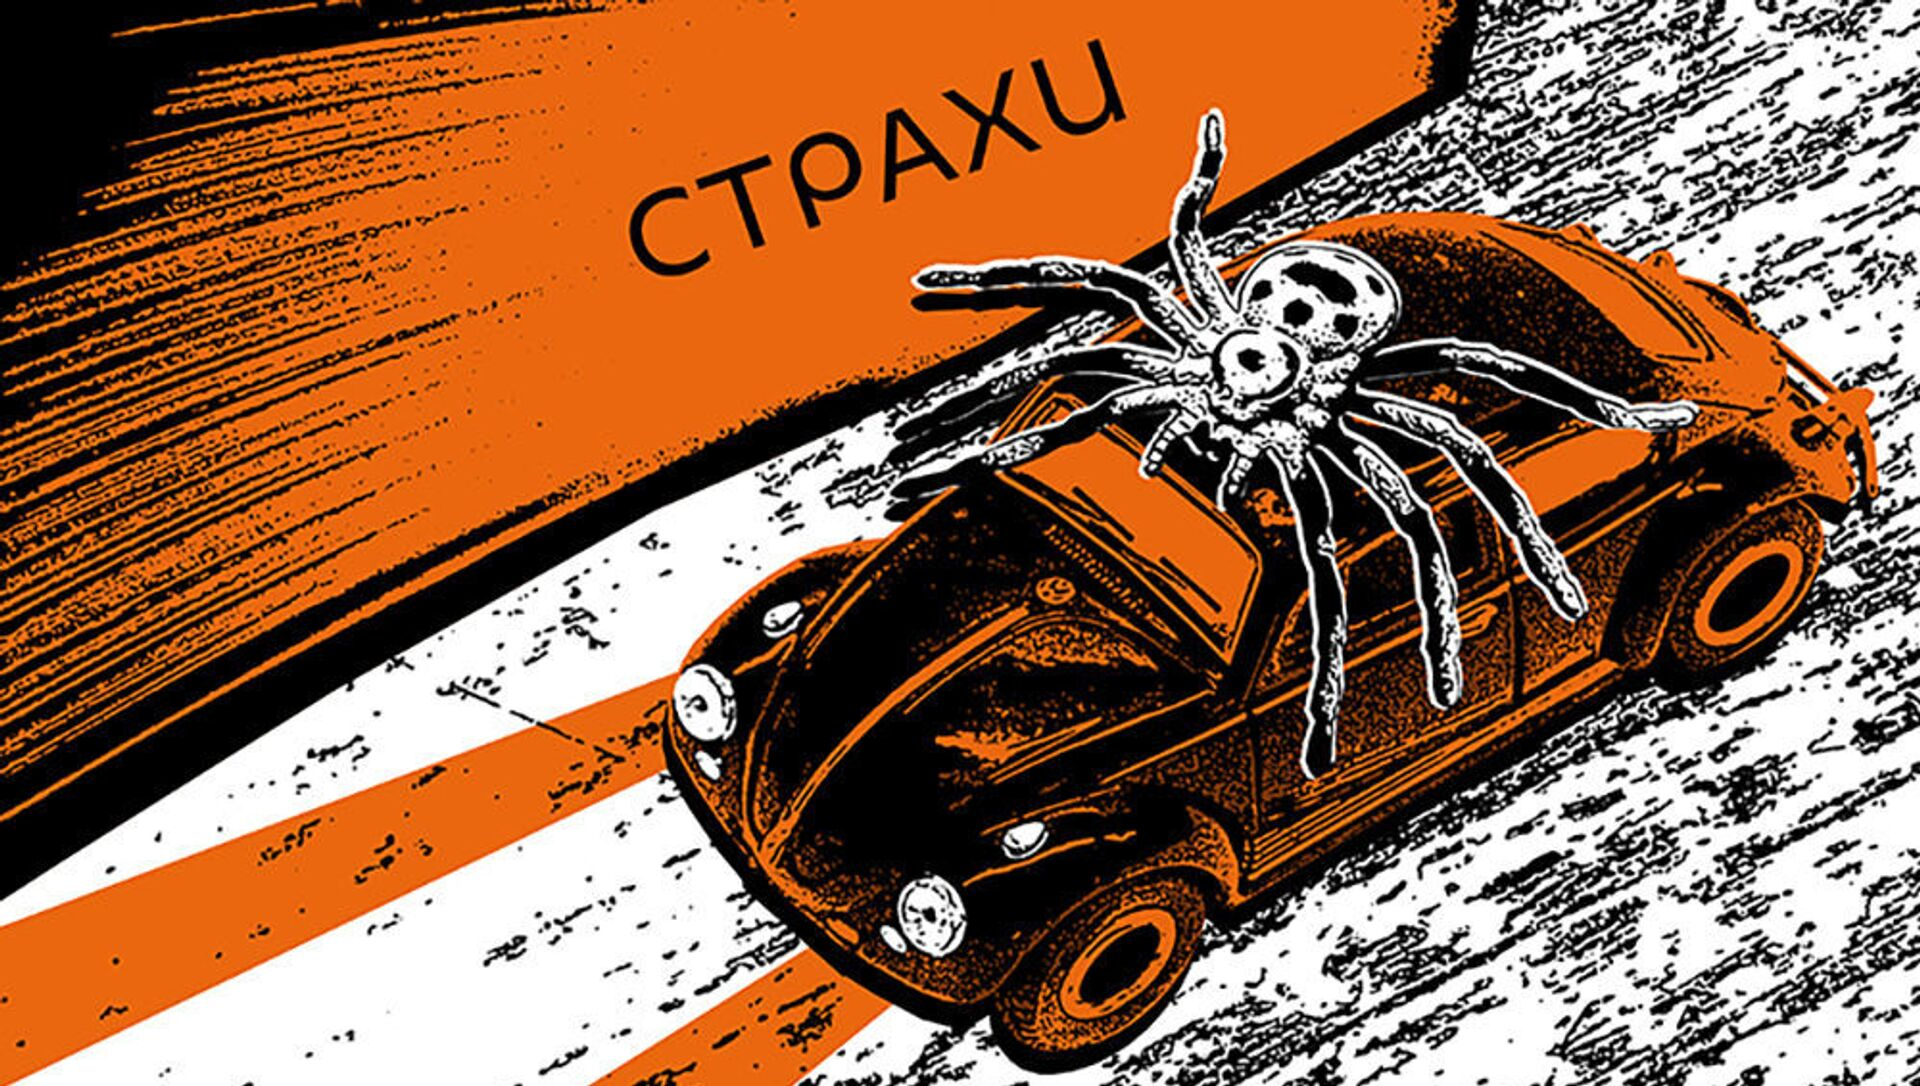 Страхи - Sputnik Азербайджан, 1920, 18.07.2021